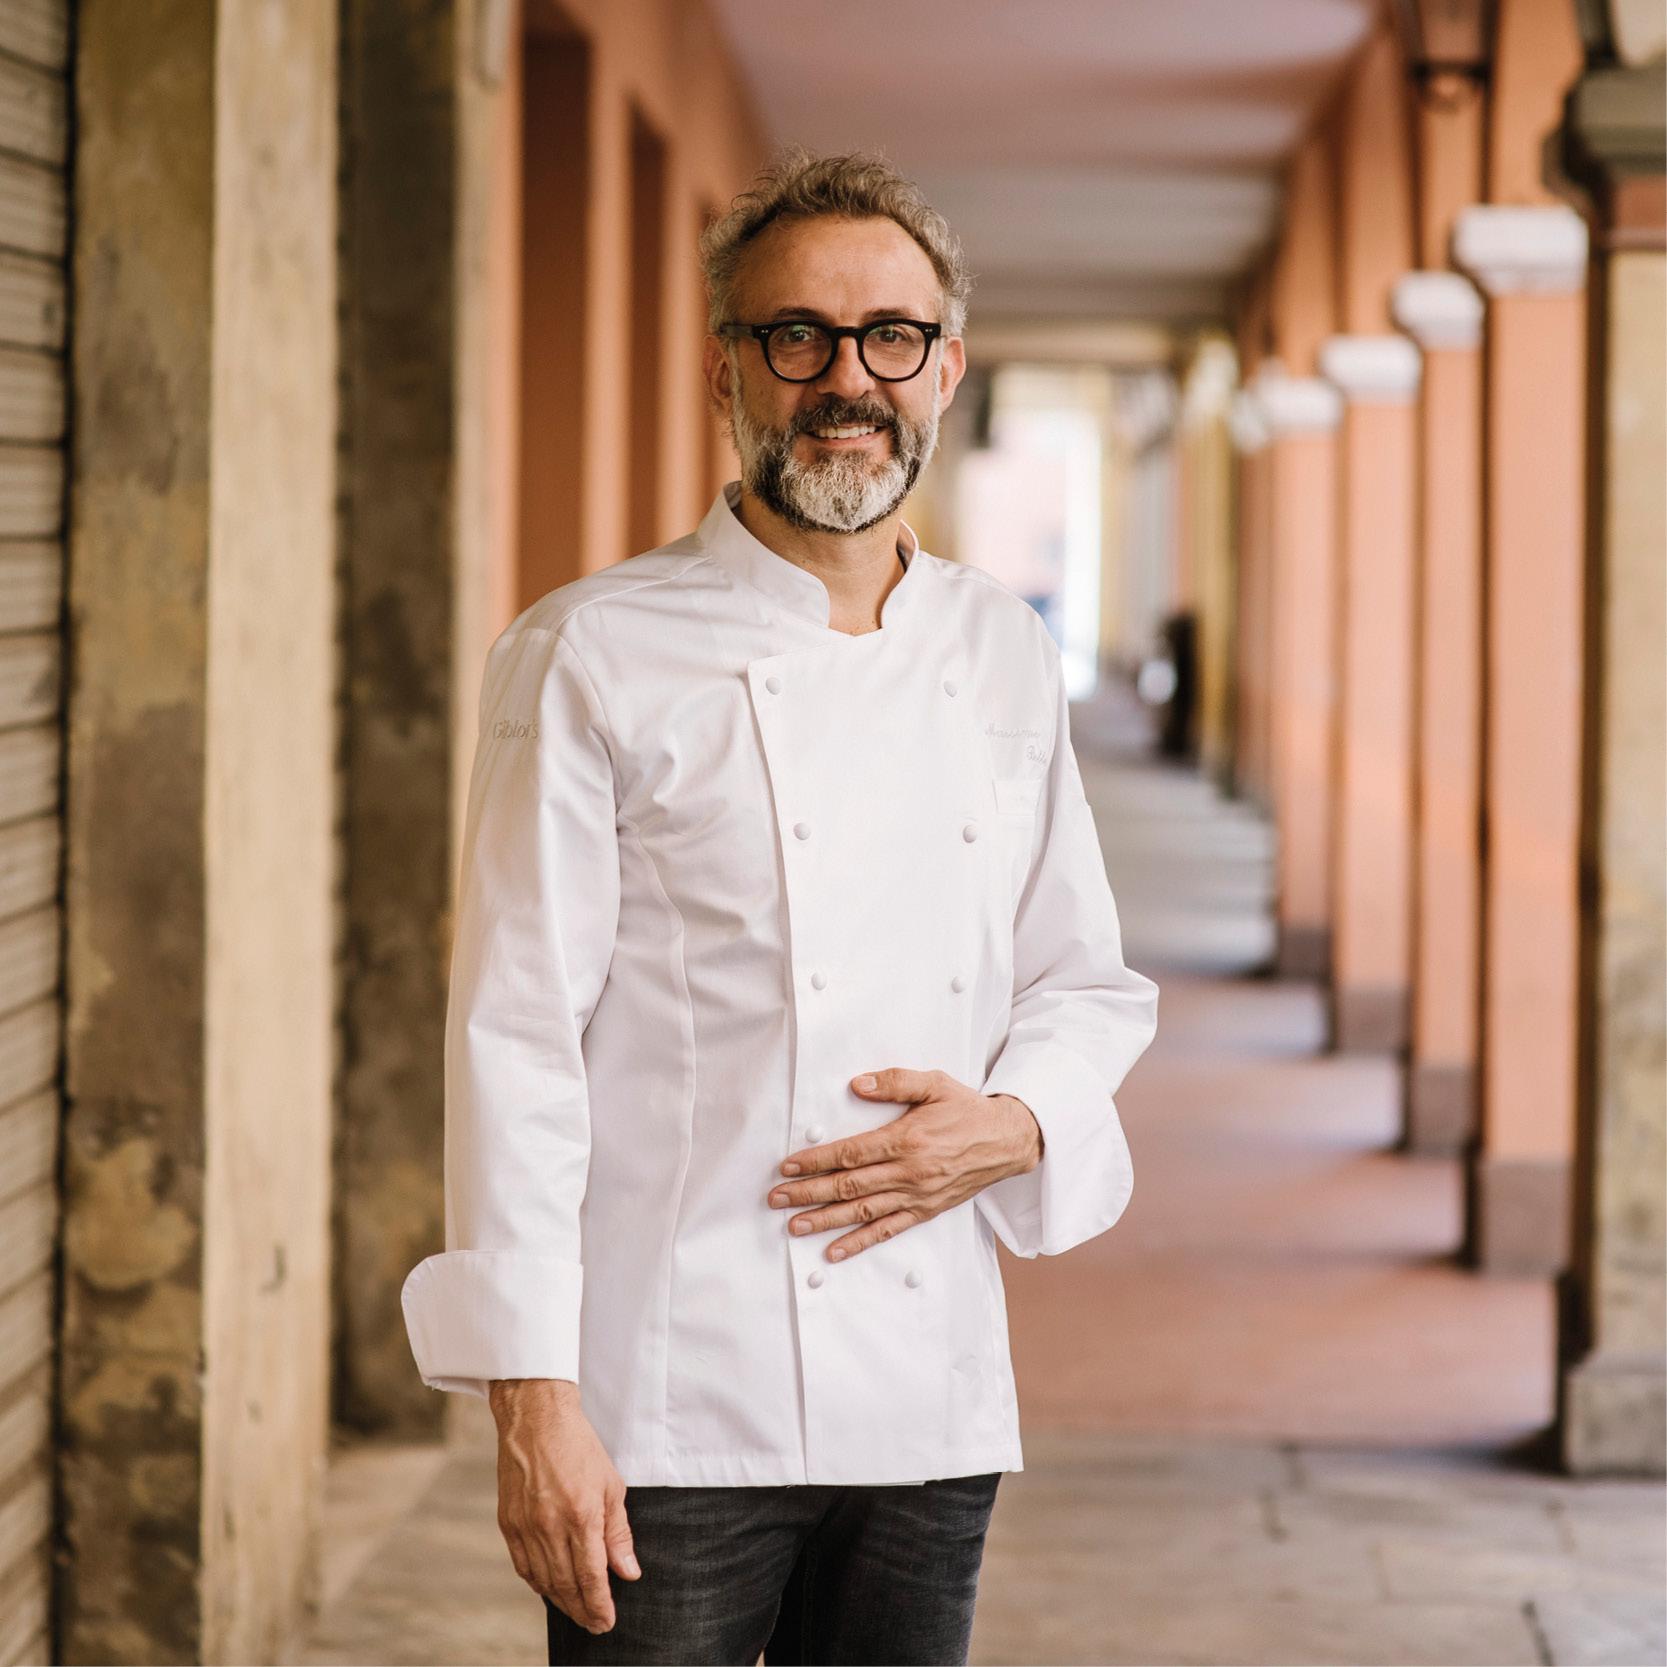 Ο Massimo Bottura, chef του Osteria Francescana.